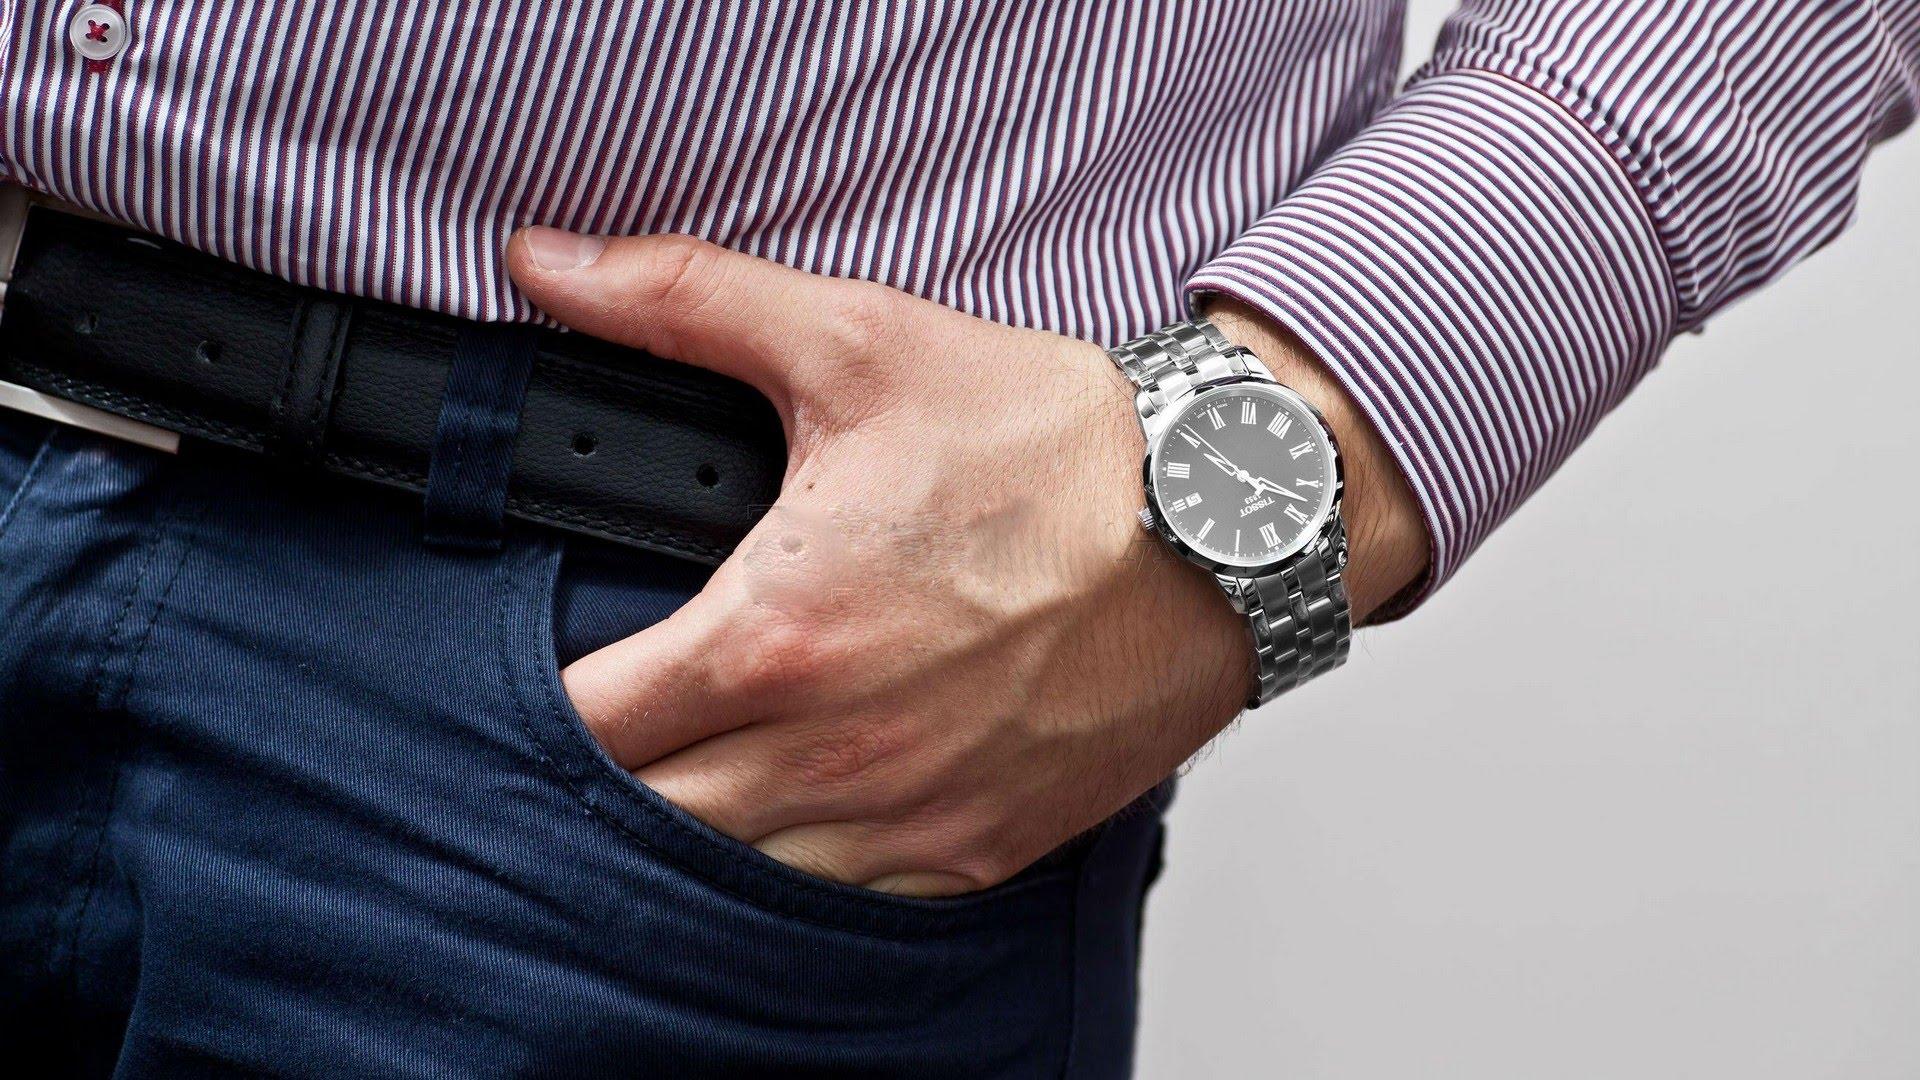 Продать человеку часы как часов монтбланк стоимость